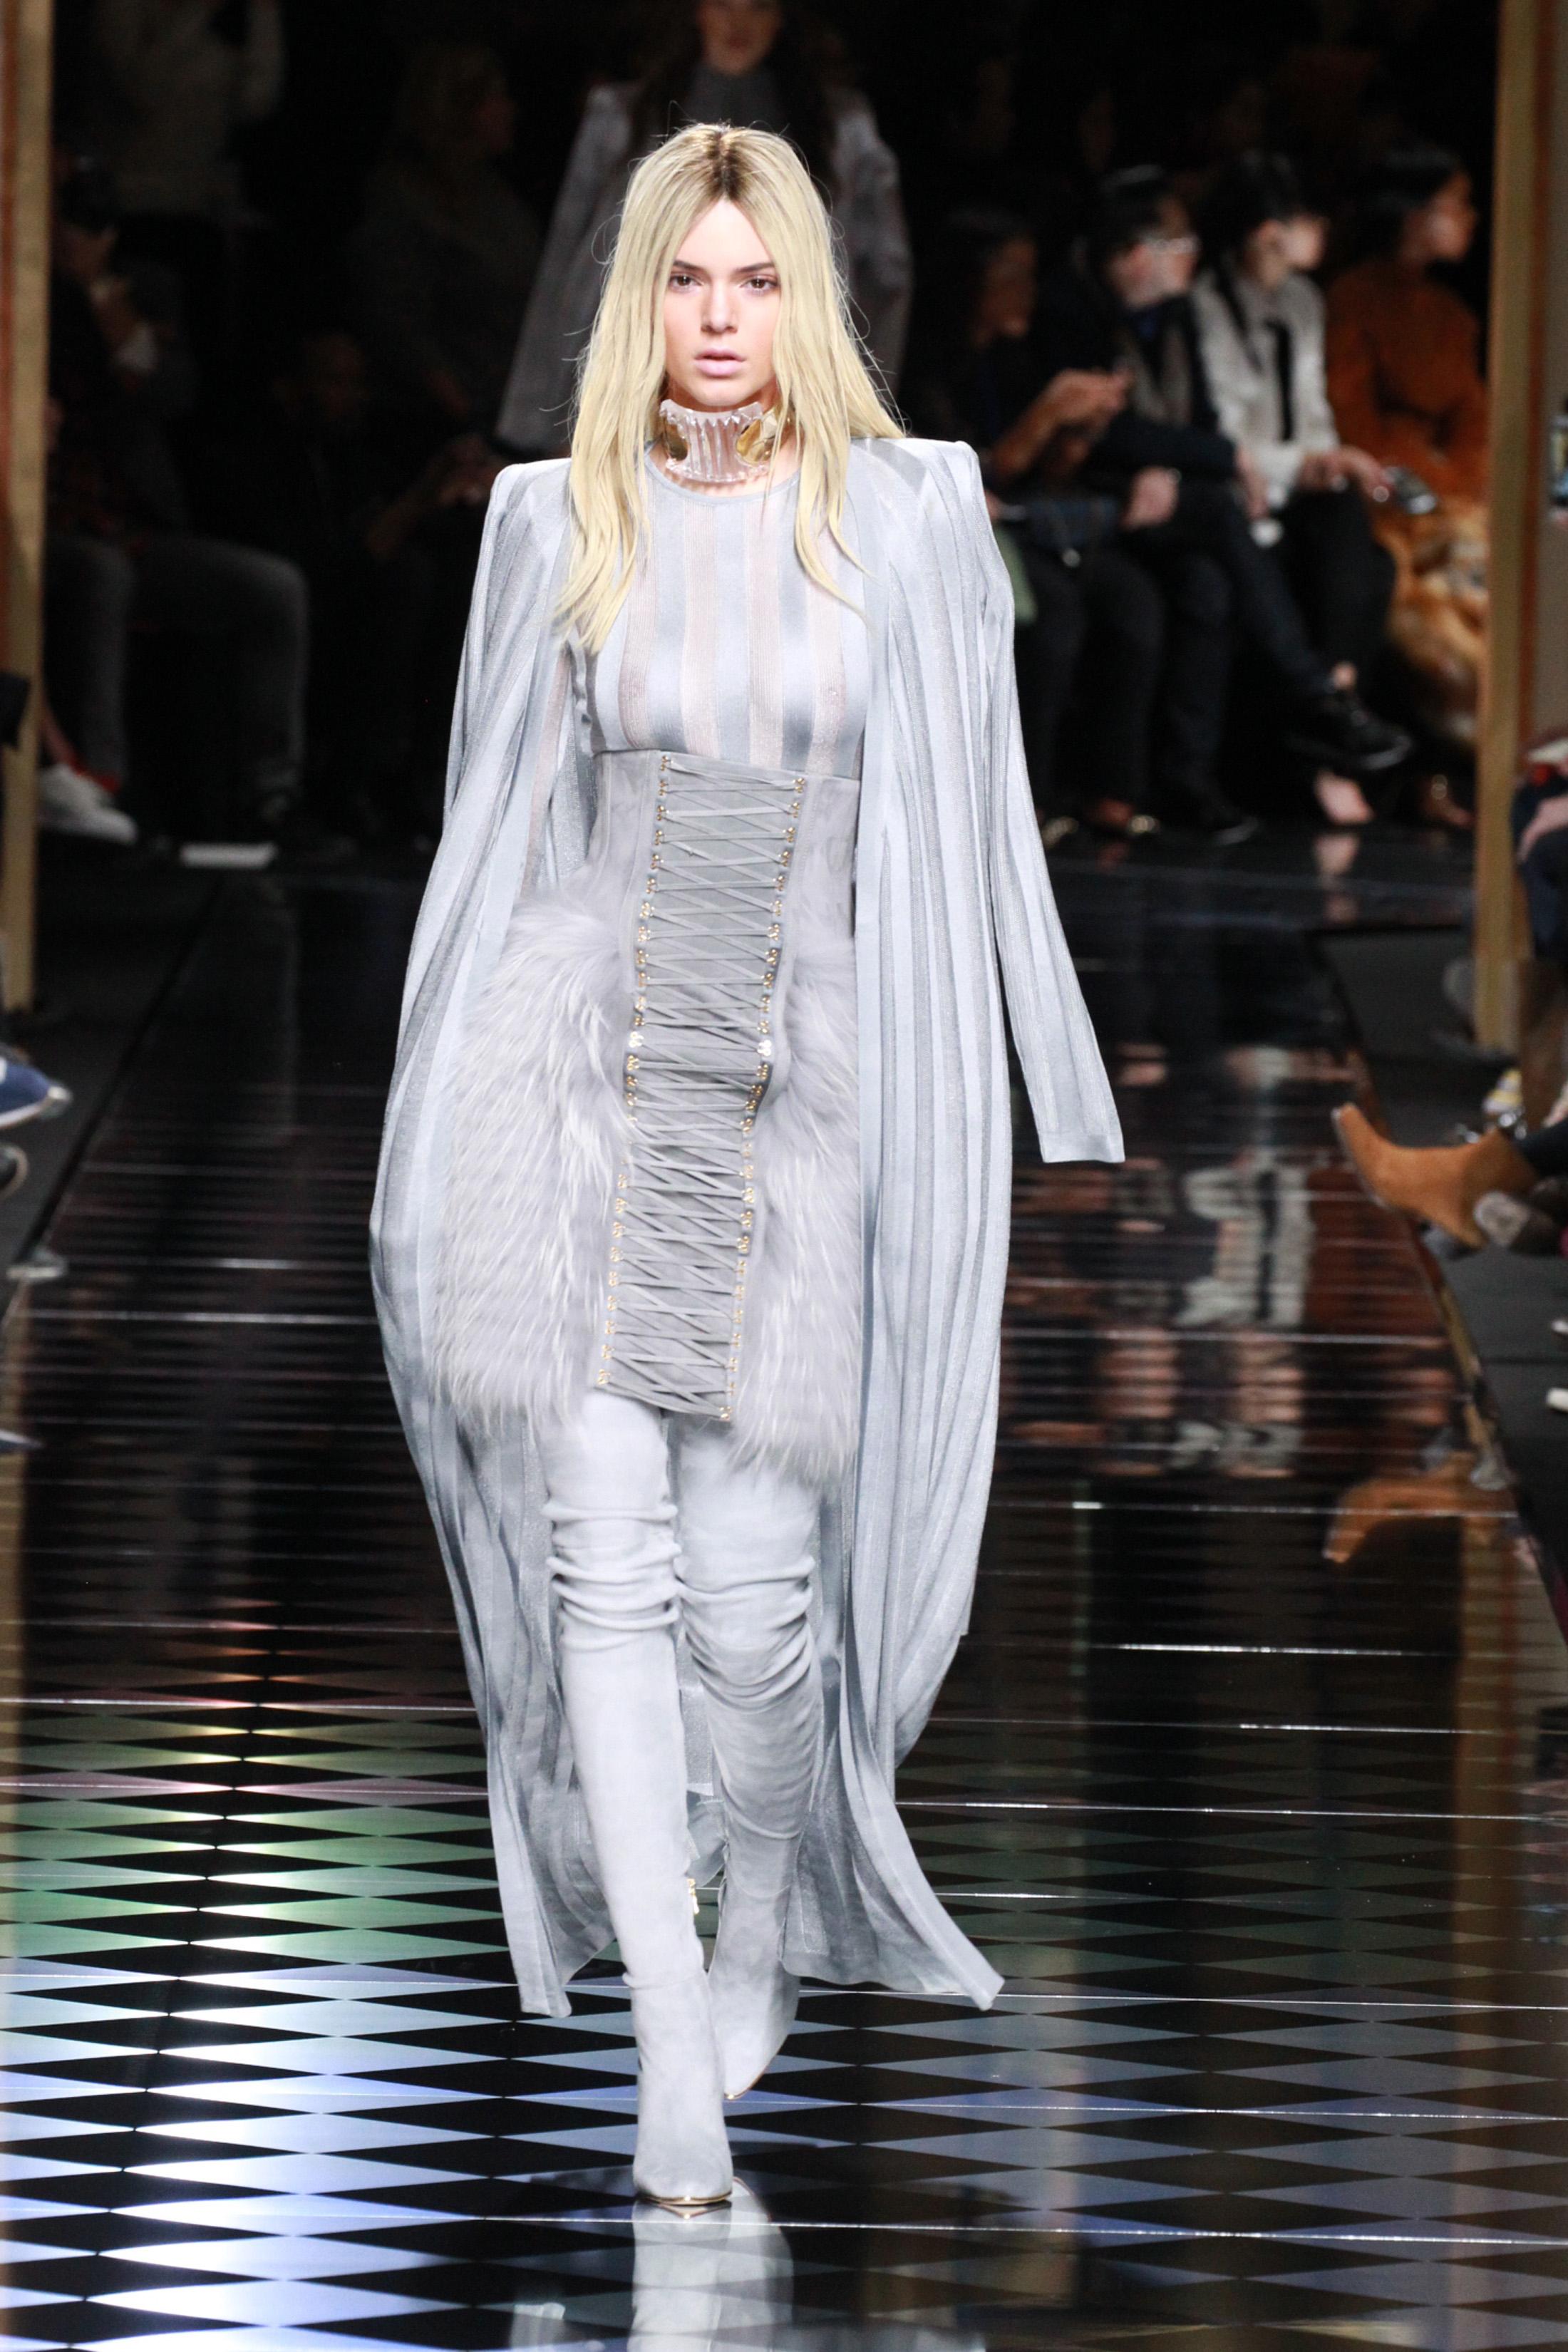 Kendall Jenner during Paris Fashion Week